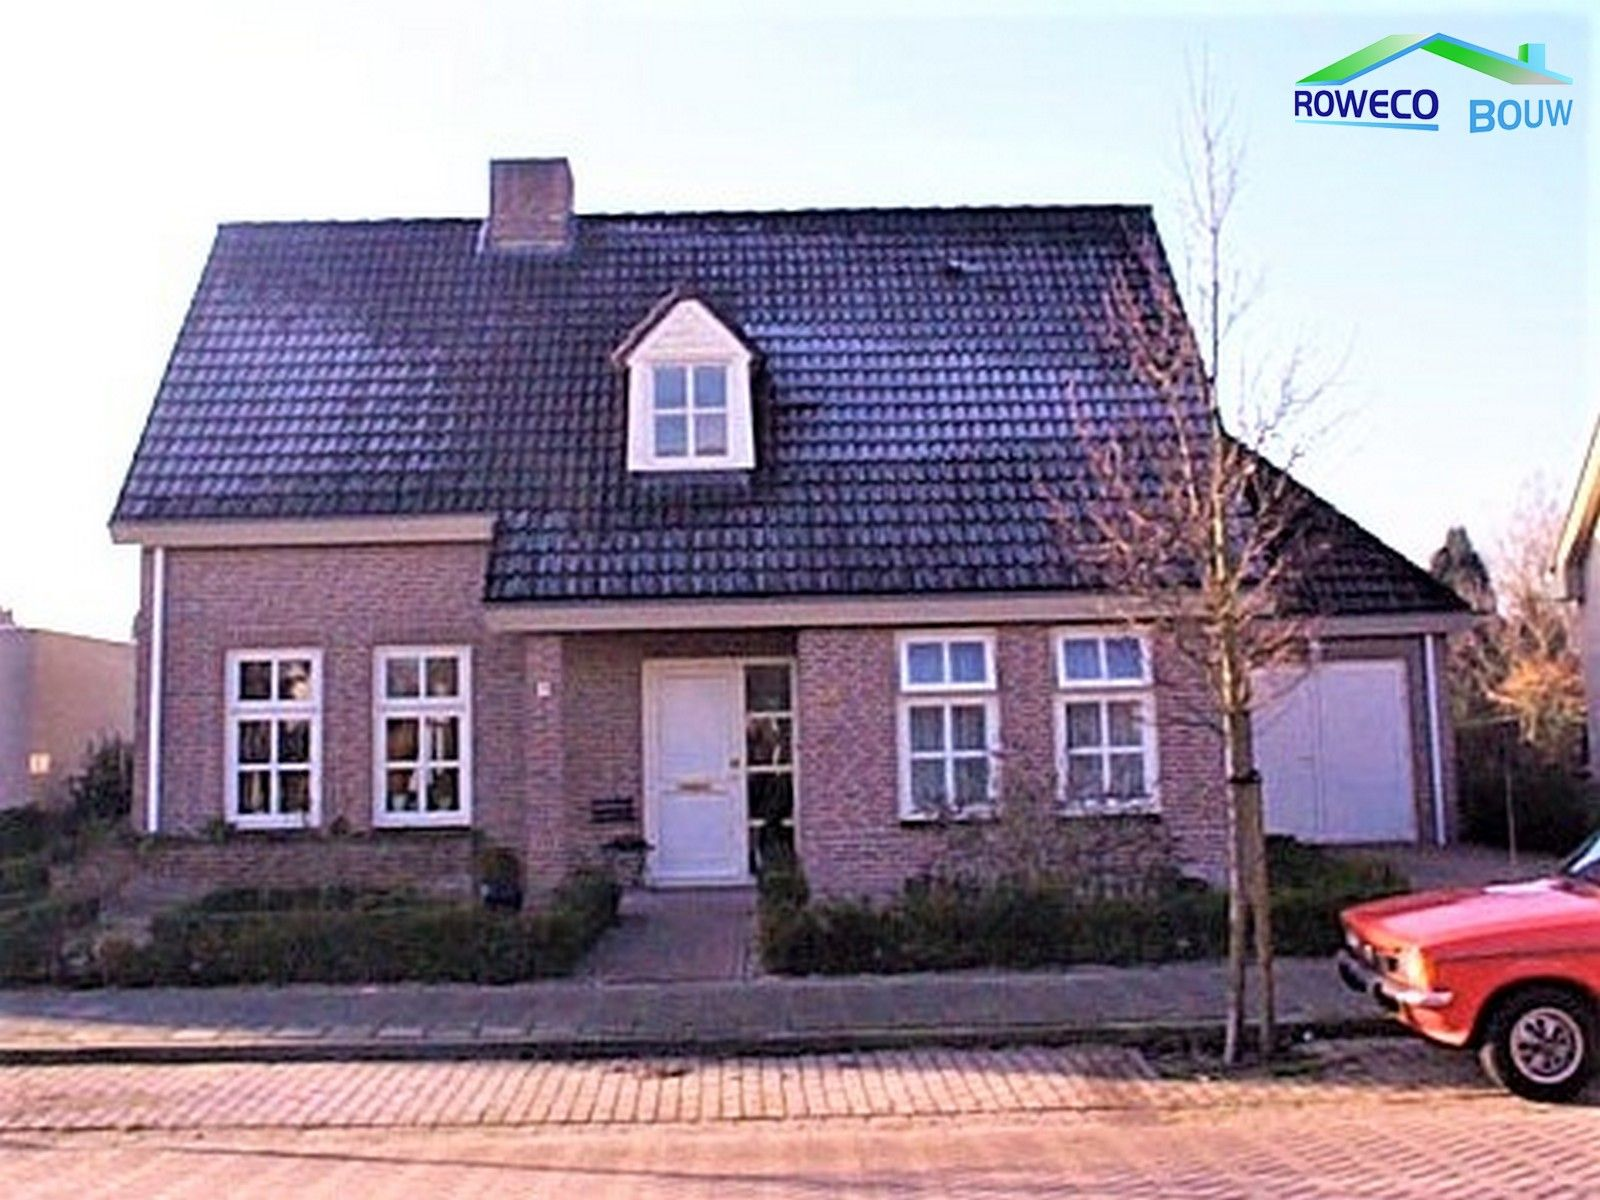 Foto inspiratie boek met woningen roweco bouw for Huis bouwen stappen